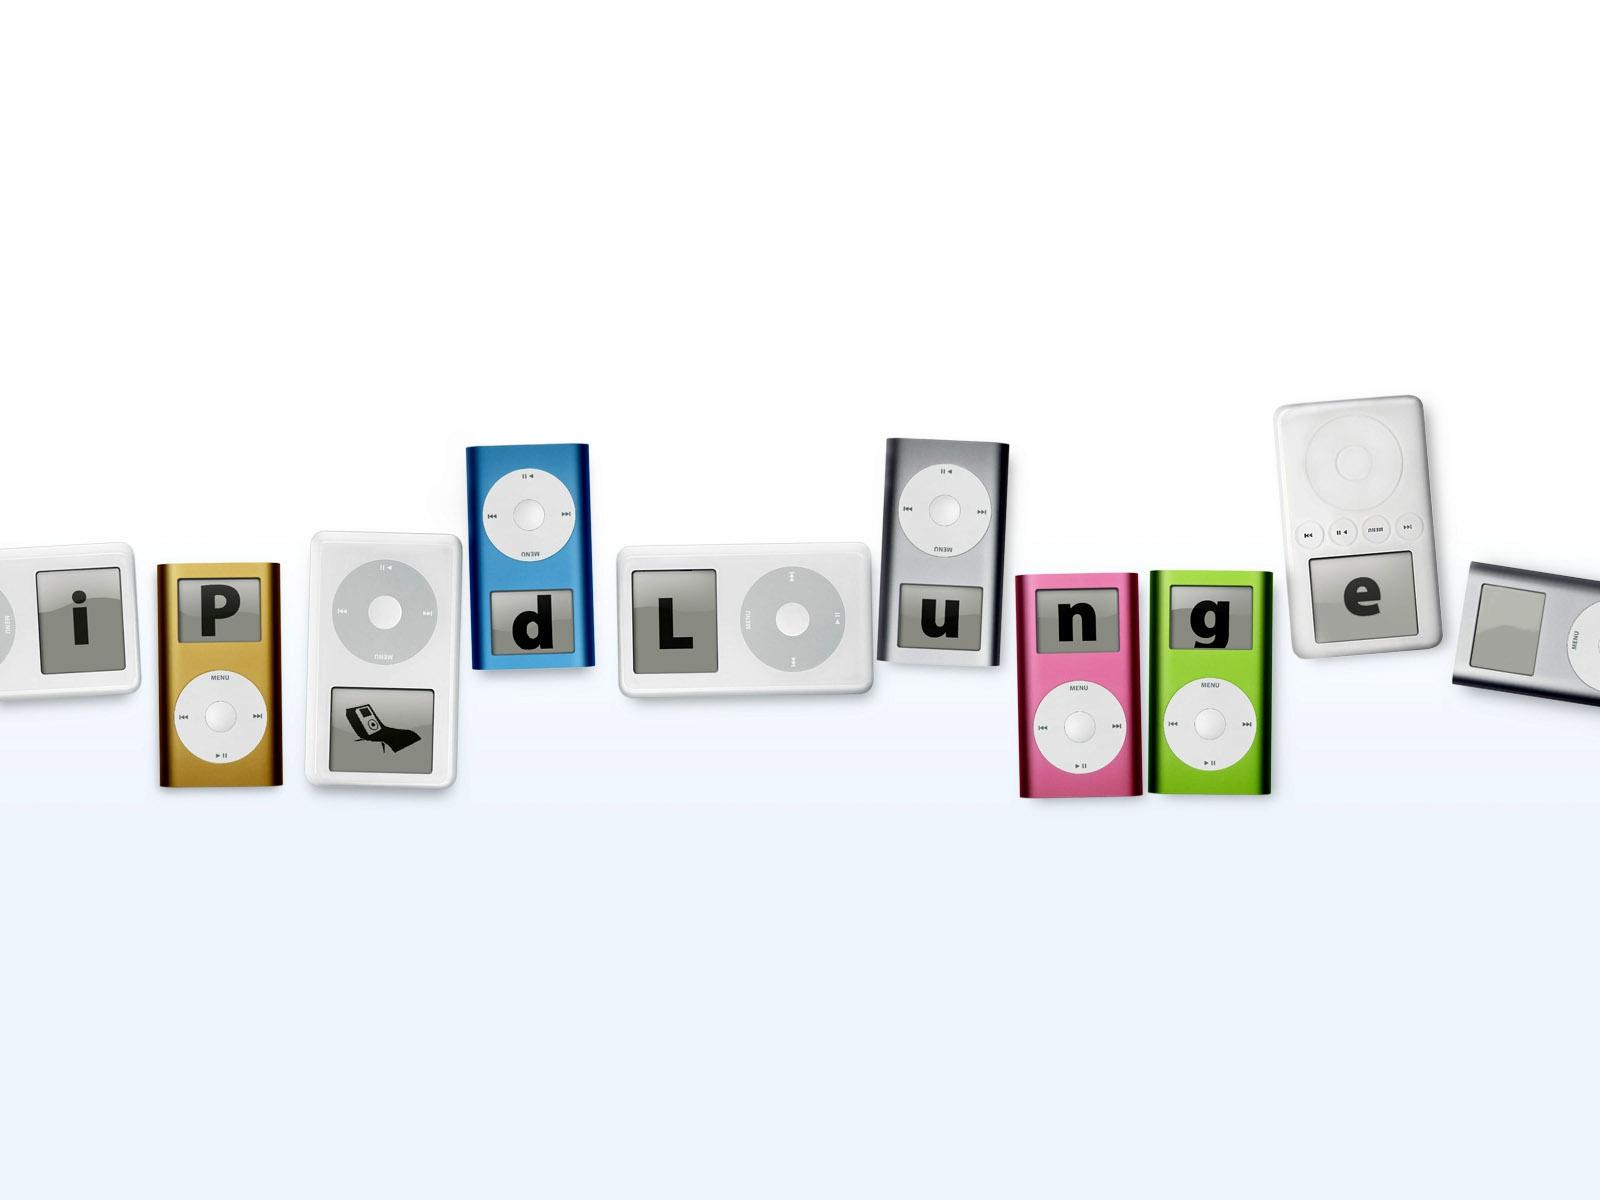 Wallpaper : music, technology, Ipod, brand, electronics